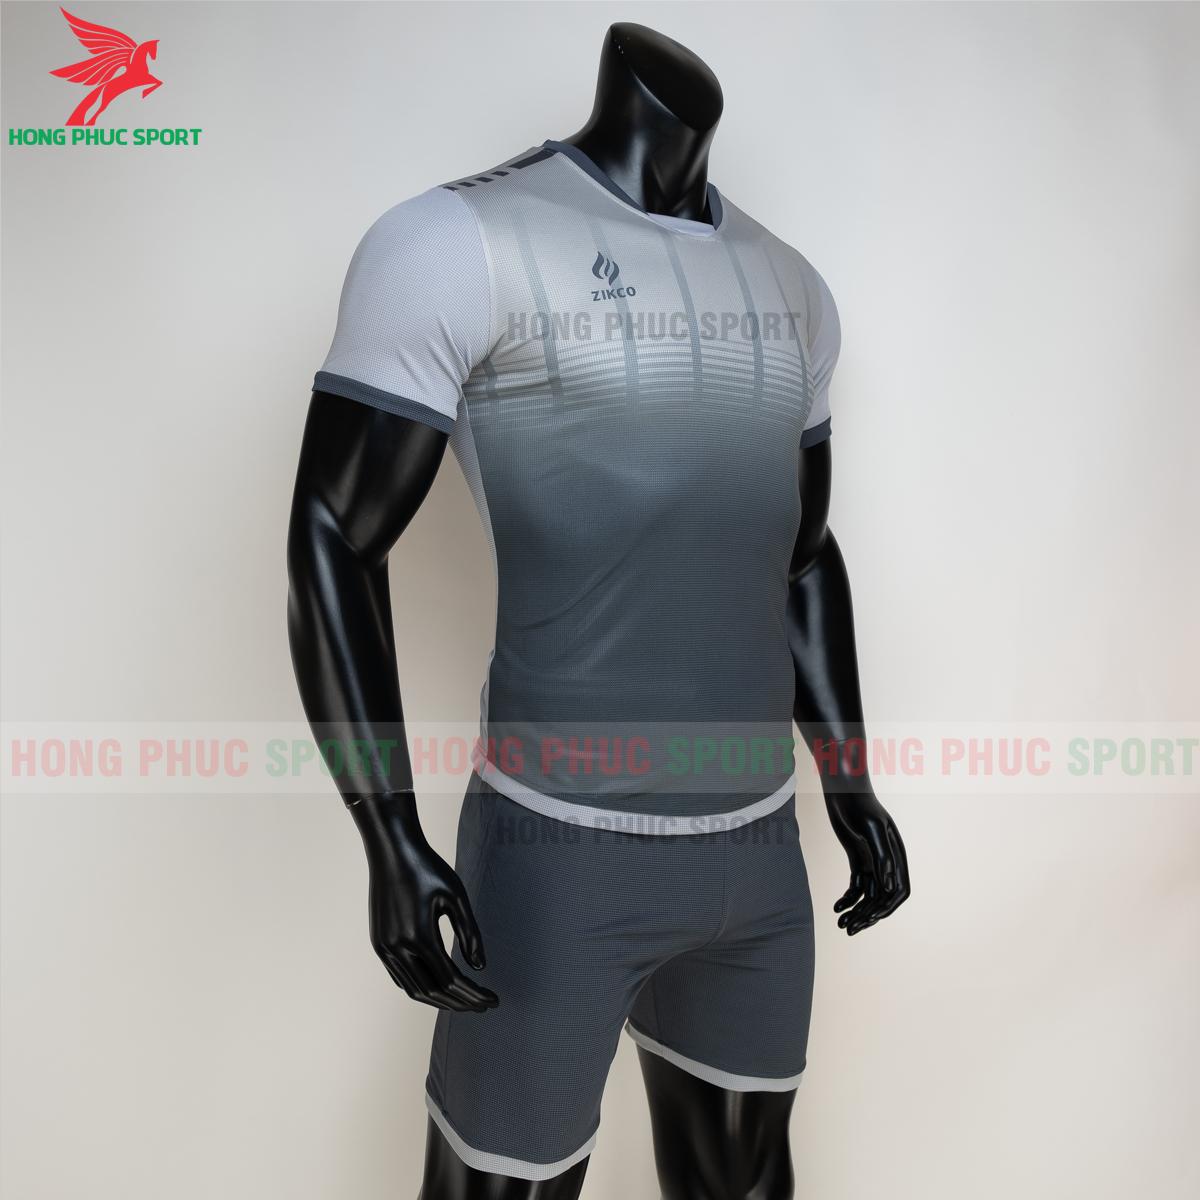 Áo đá banh không logo ZIKCO Z01 2021 màu đen (phải)